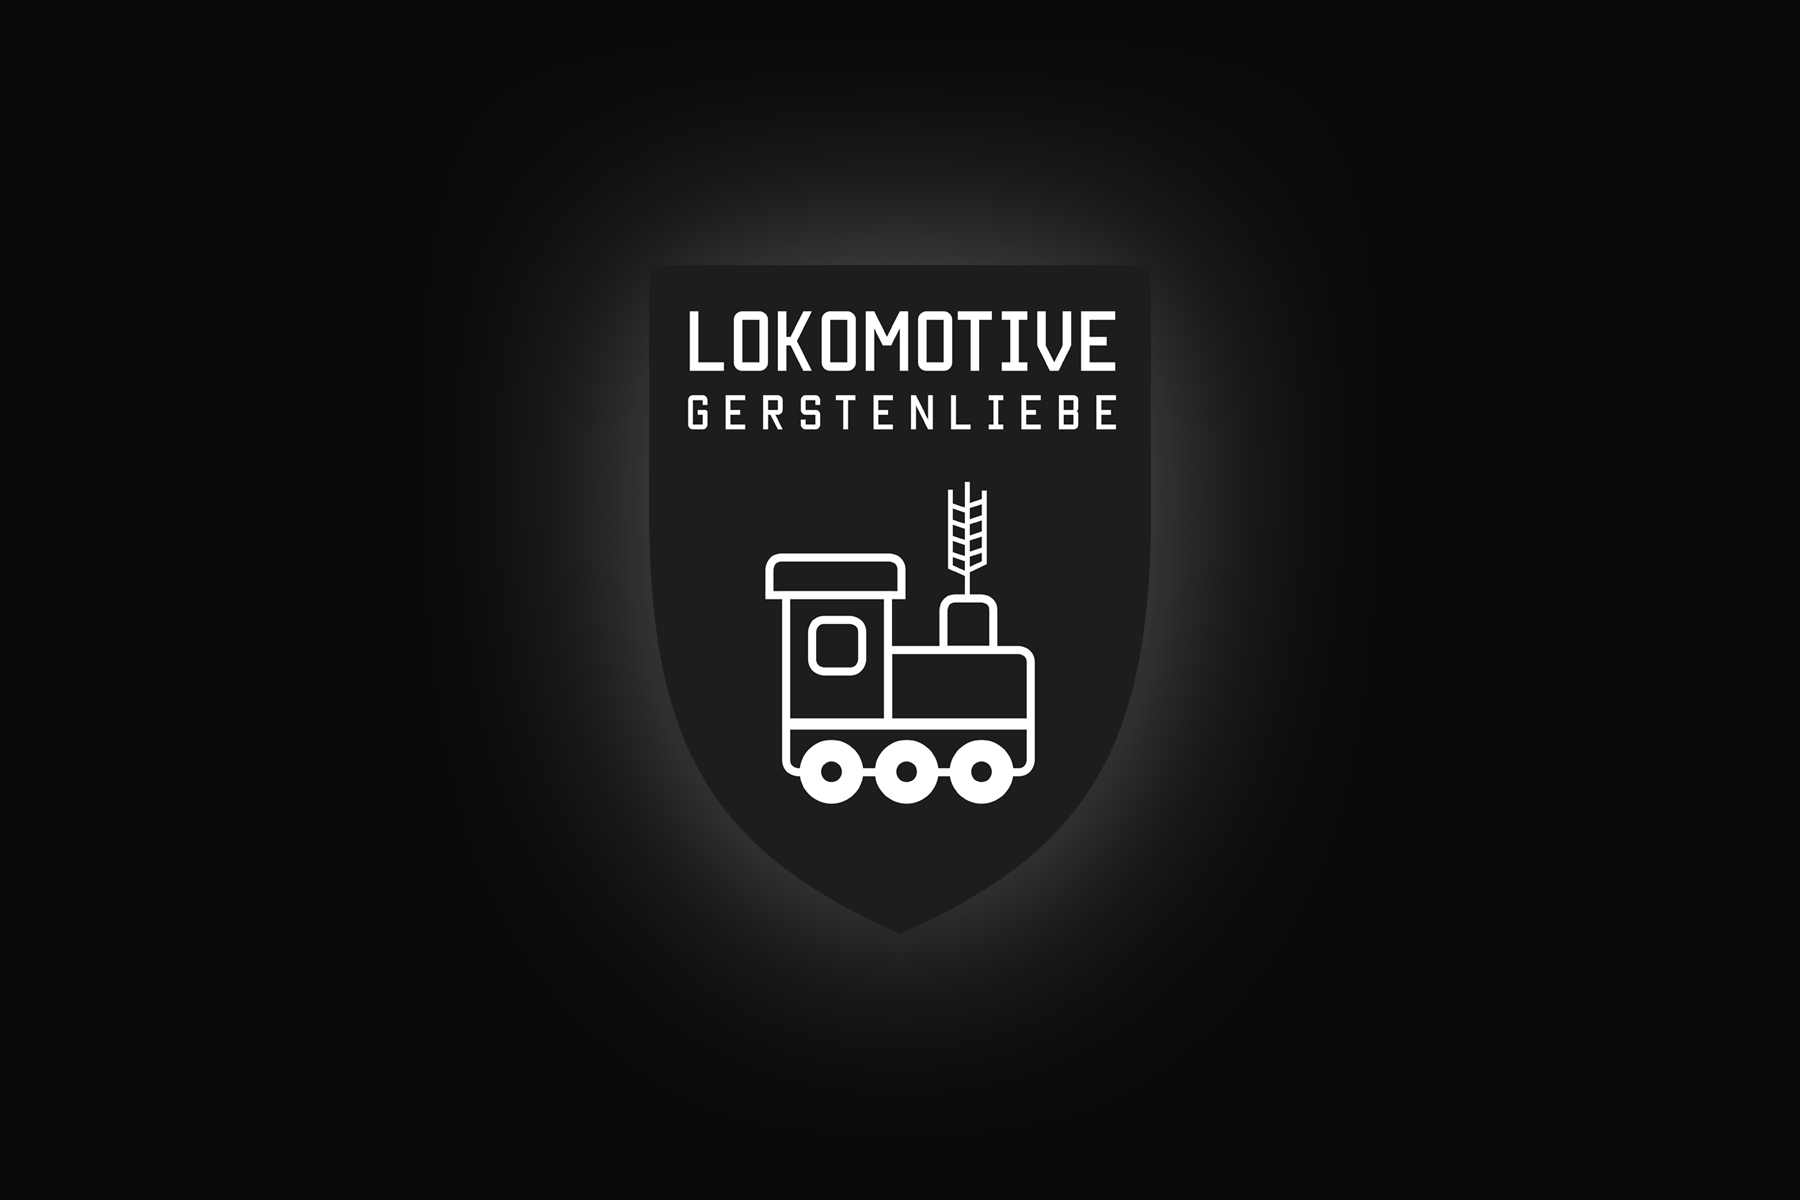 Lokomotive Gerstenliebe